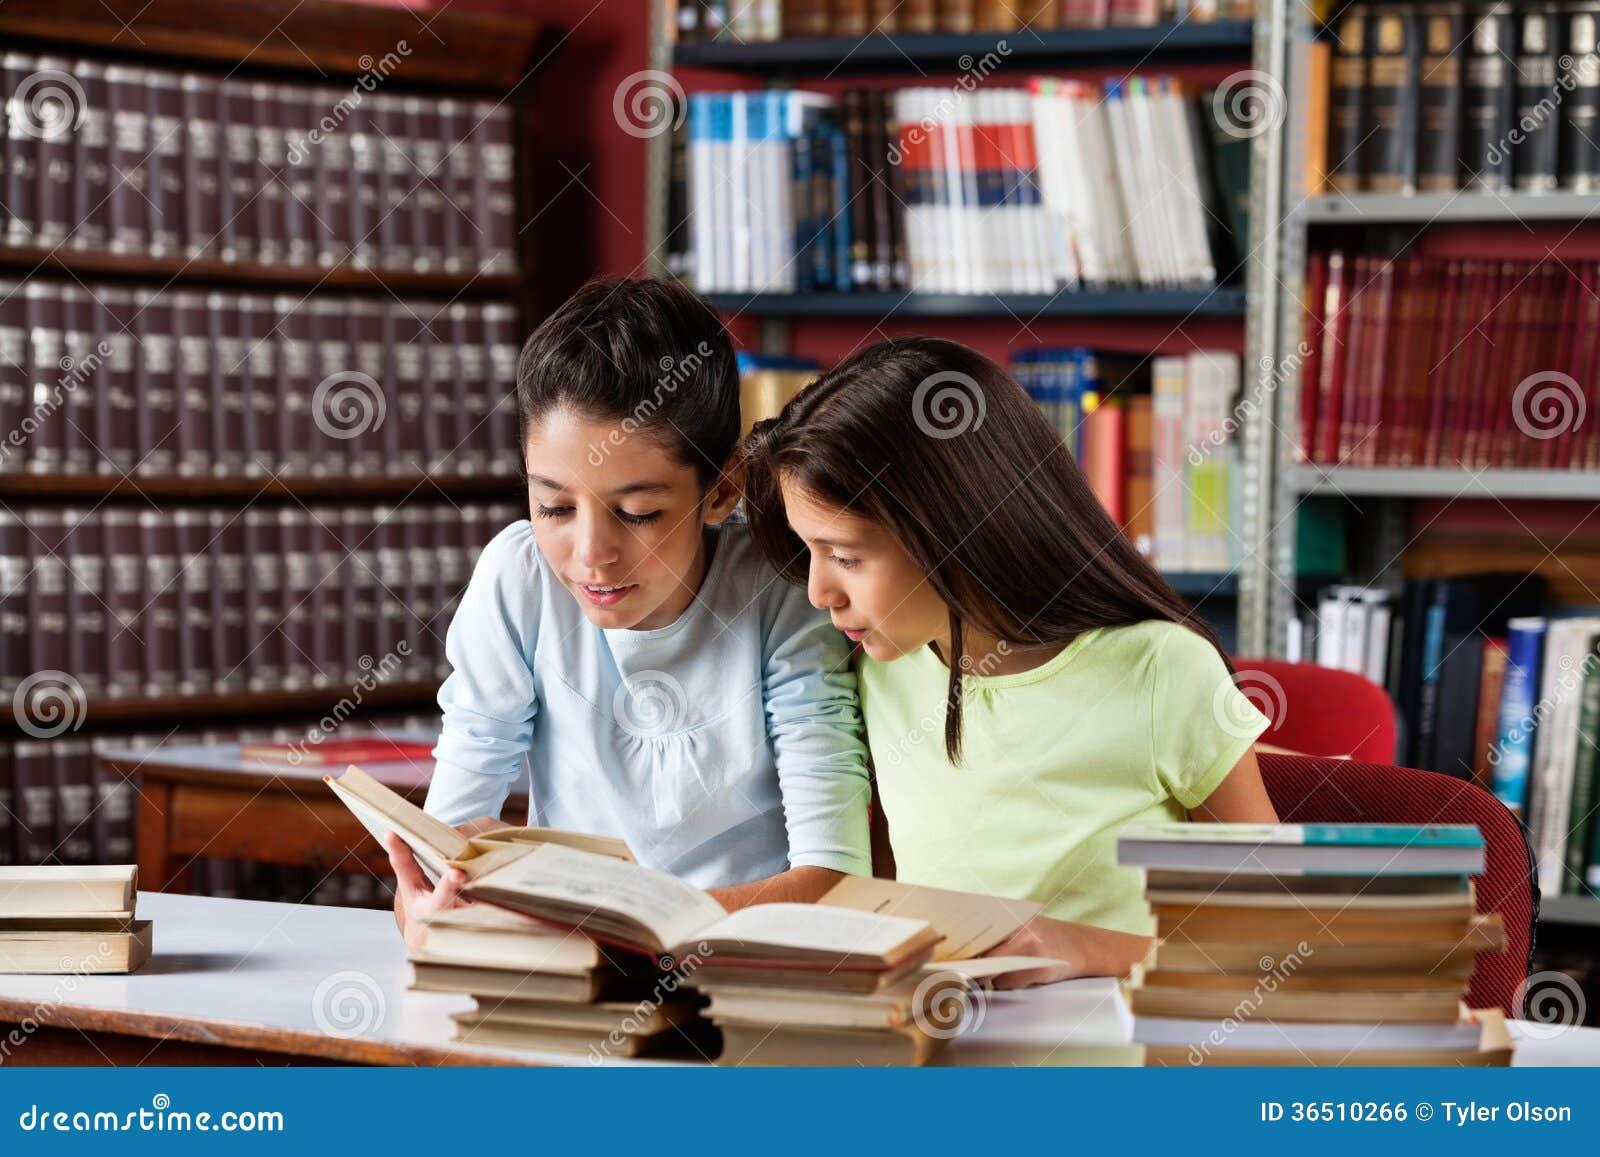 Kleine Mädchen-Lesebuch zusammen in der Bibliothek